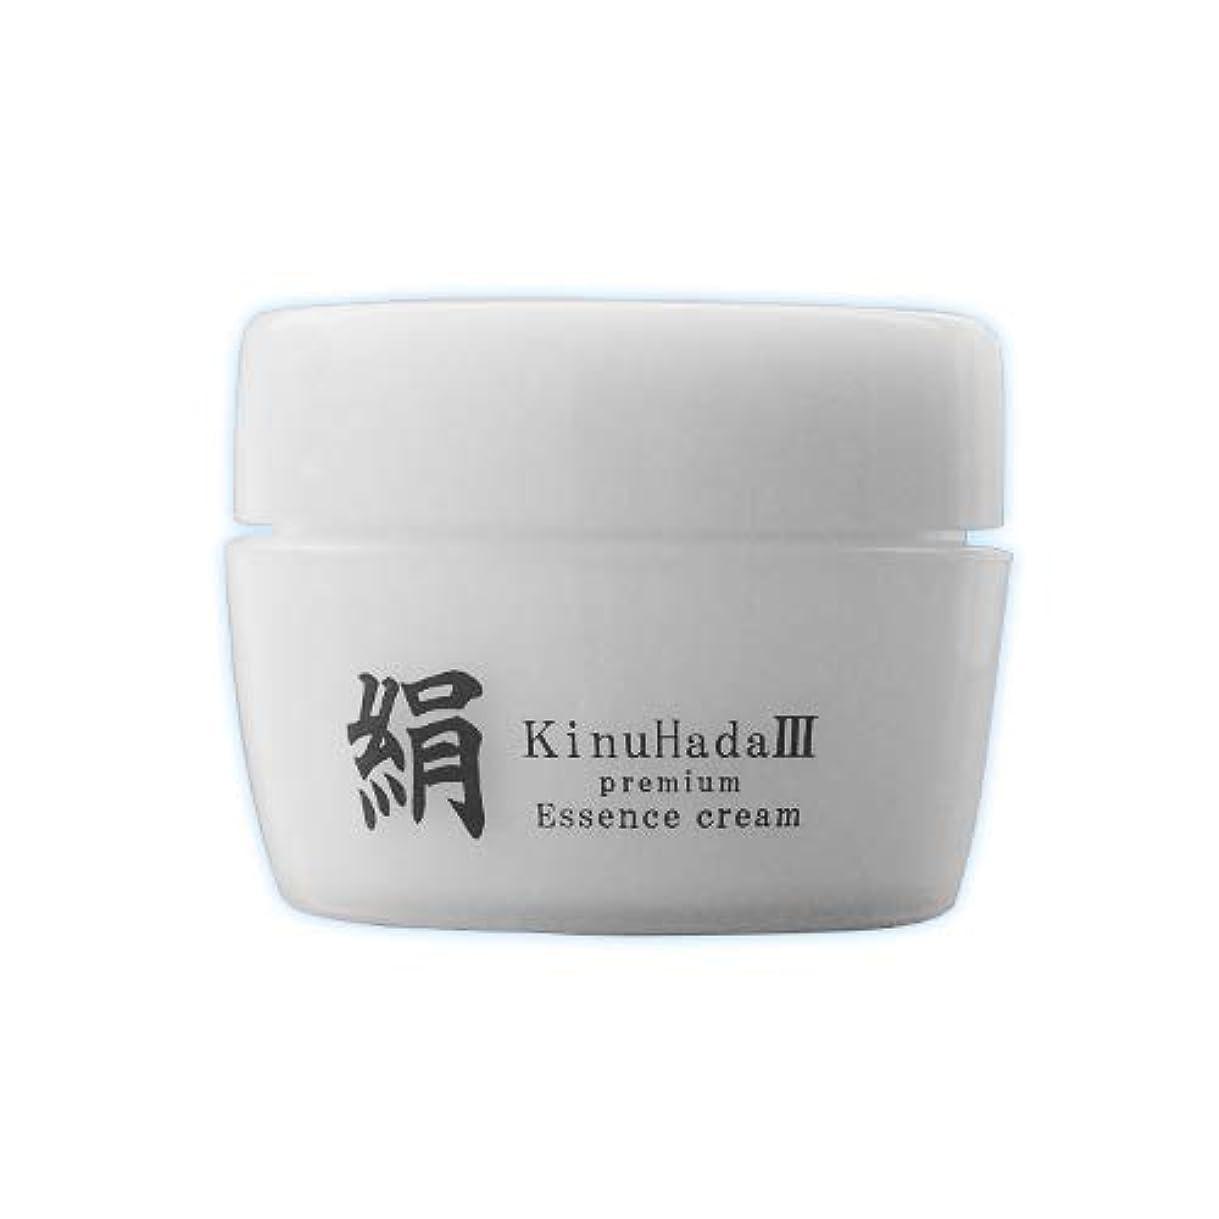 生命体緊張医薬KinuHada 3 premium 60g オールインワン 美容液 絹